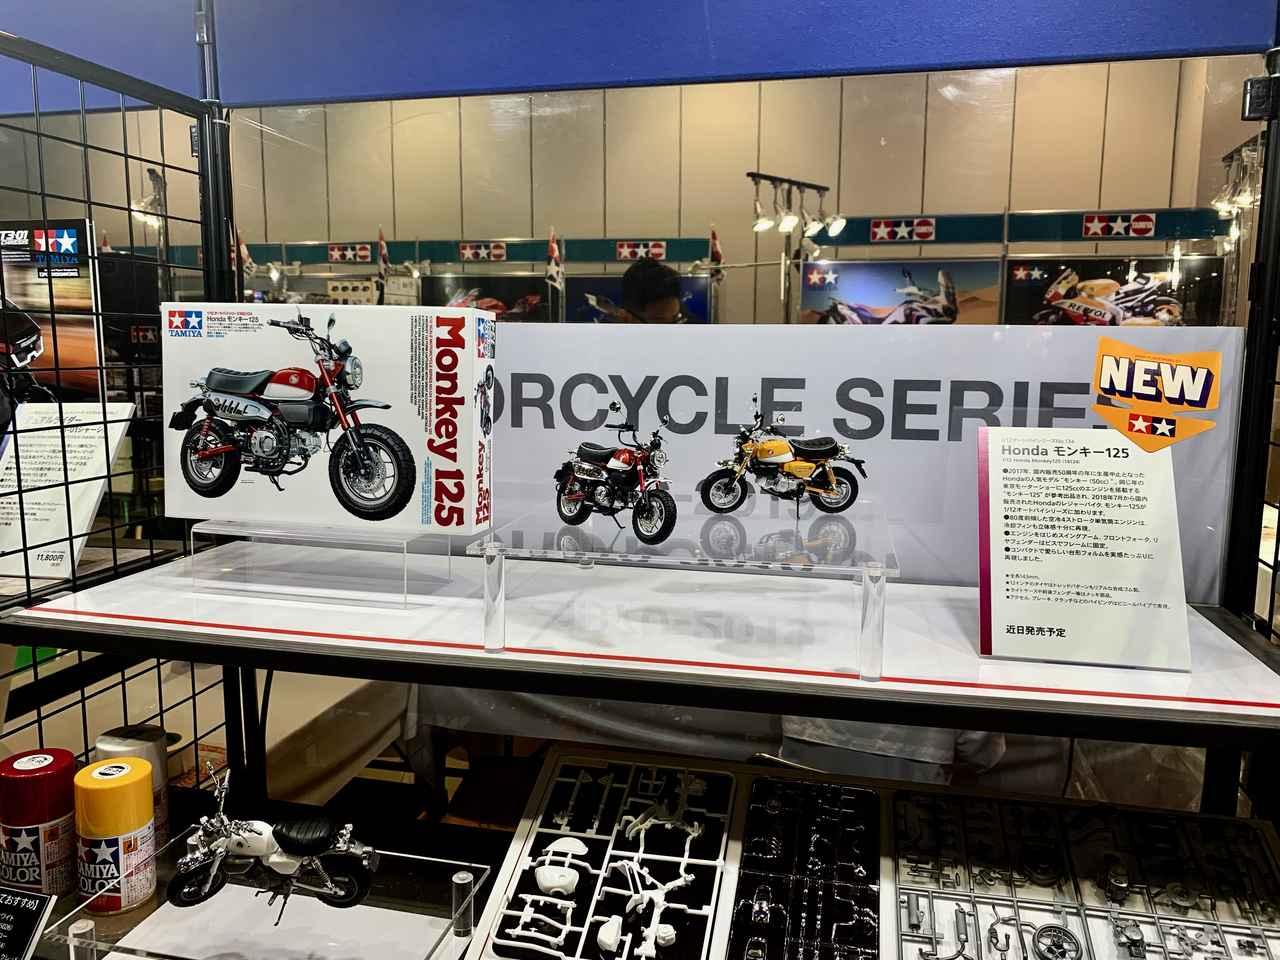 画像3: モンキー125も大人気だ@東京モーターサイクルショー2019